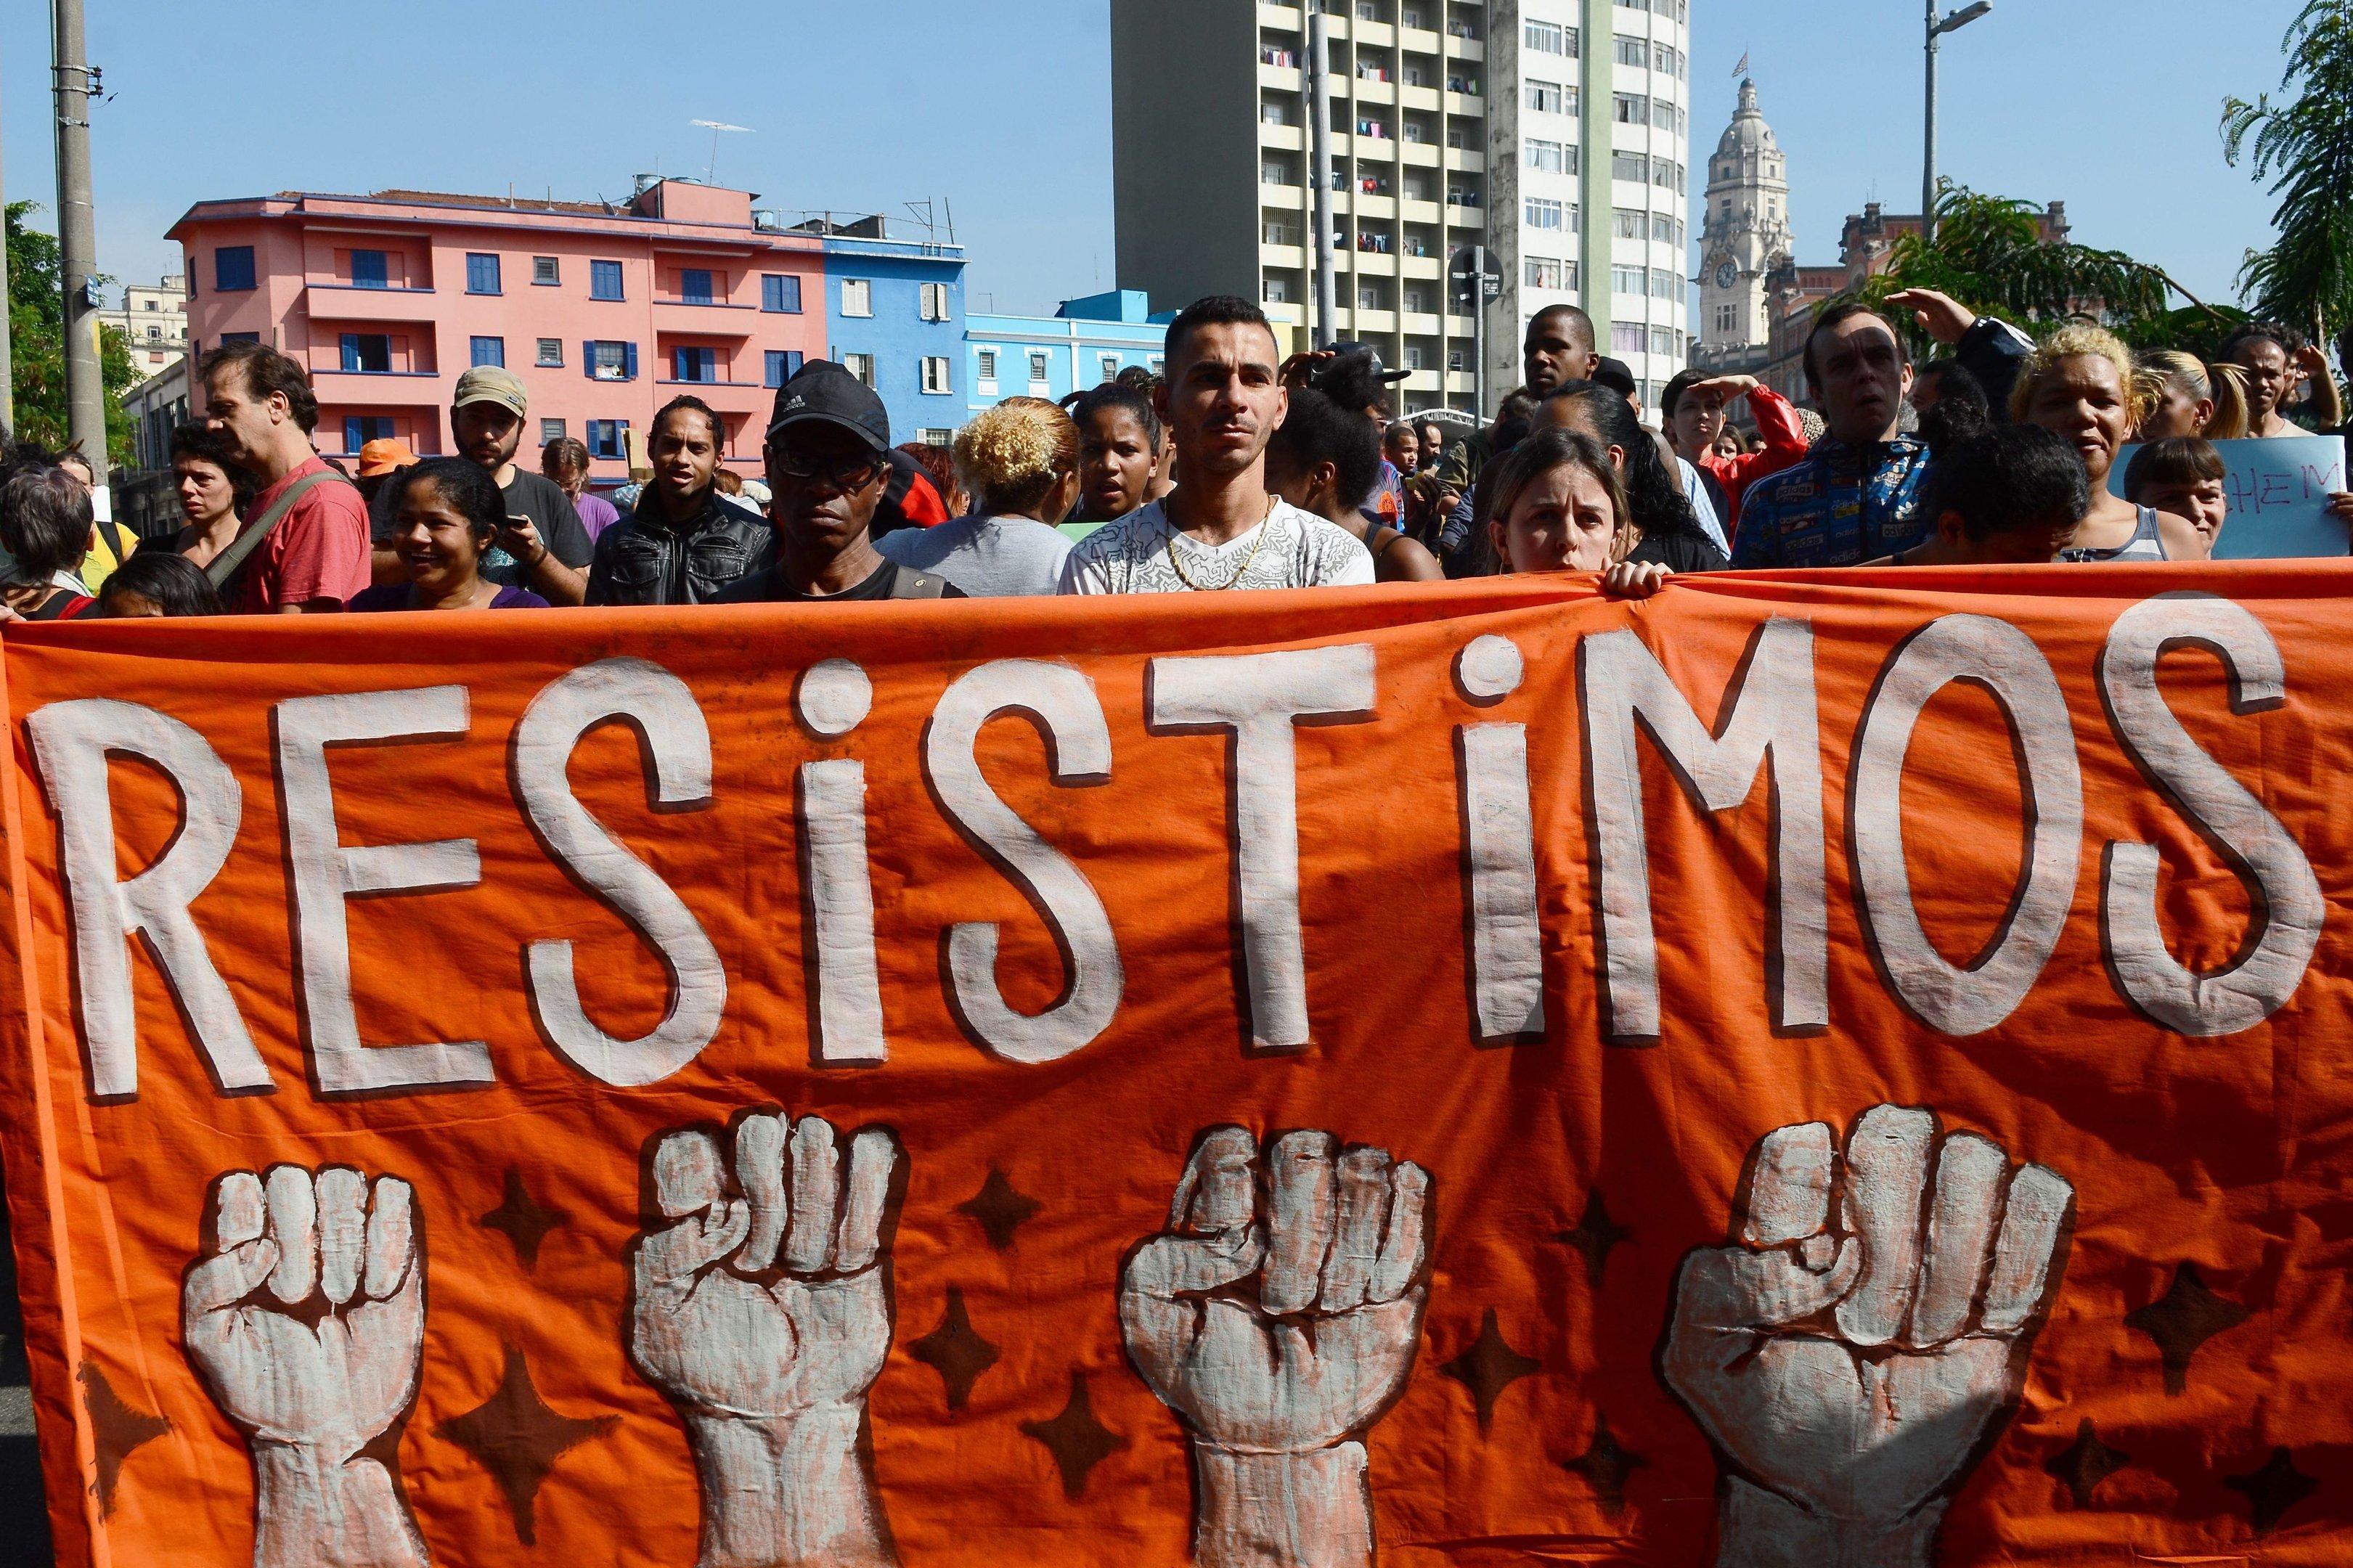 São Paulo - Manifestação dos moradores e comerciantes da região da Luz contra ações dos últimos dias promovidas pela Prefeitura de São Paulo e pelo governo do estado na região da Cracolândia